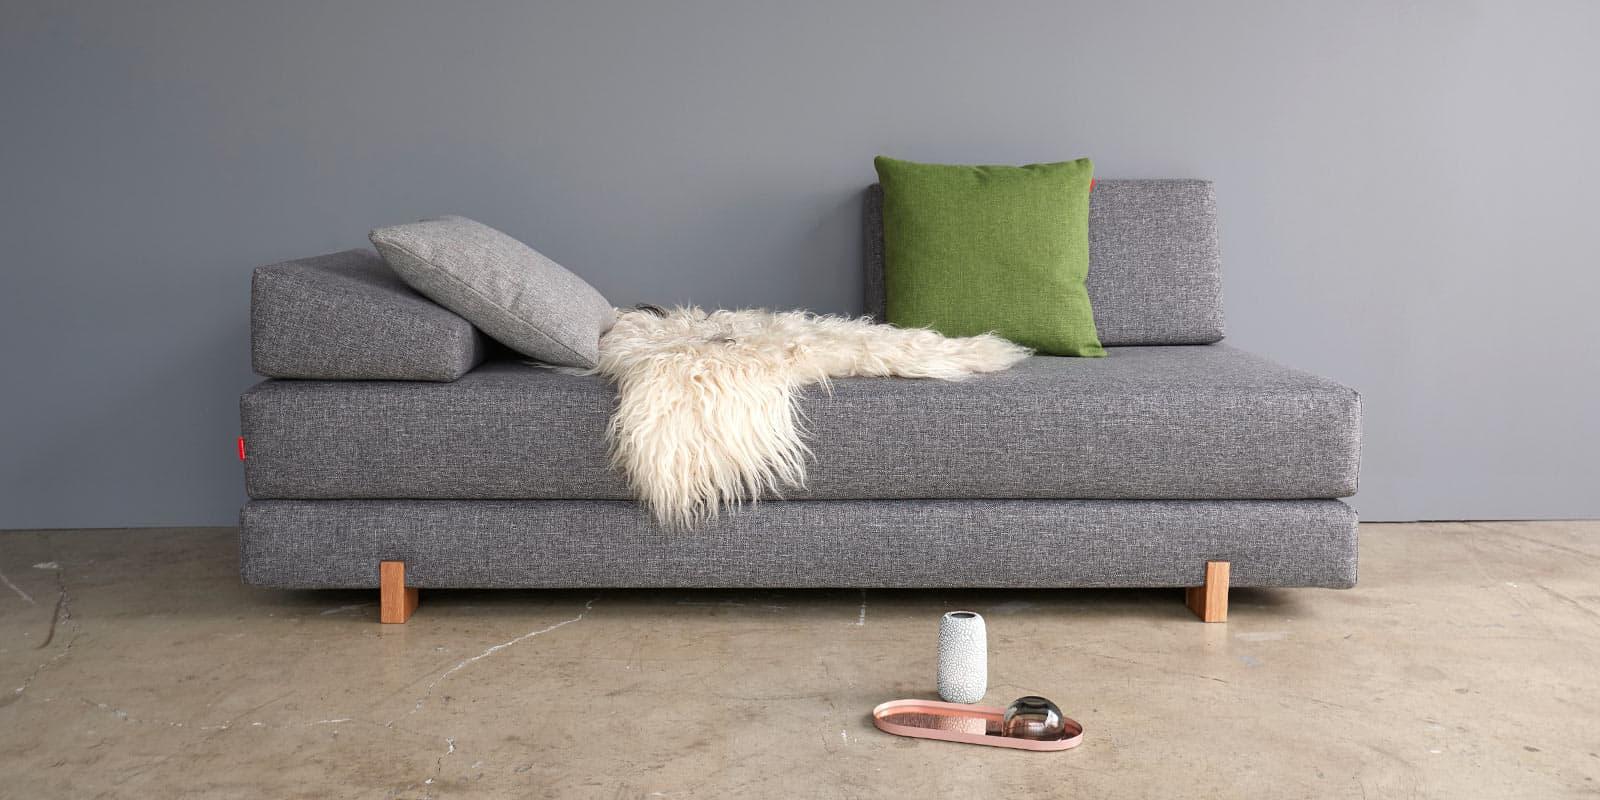 Full Size of Bett Ausklappbar Ausklappbares Wohnzimmer Couch Ausklappbar